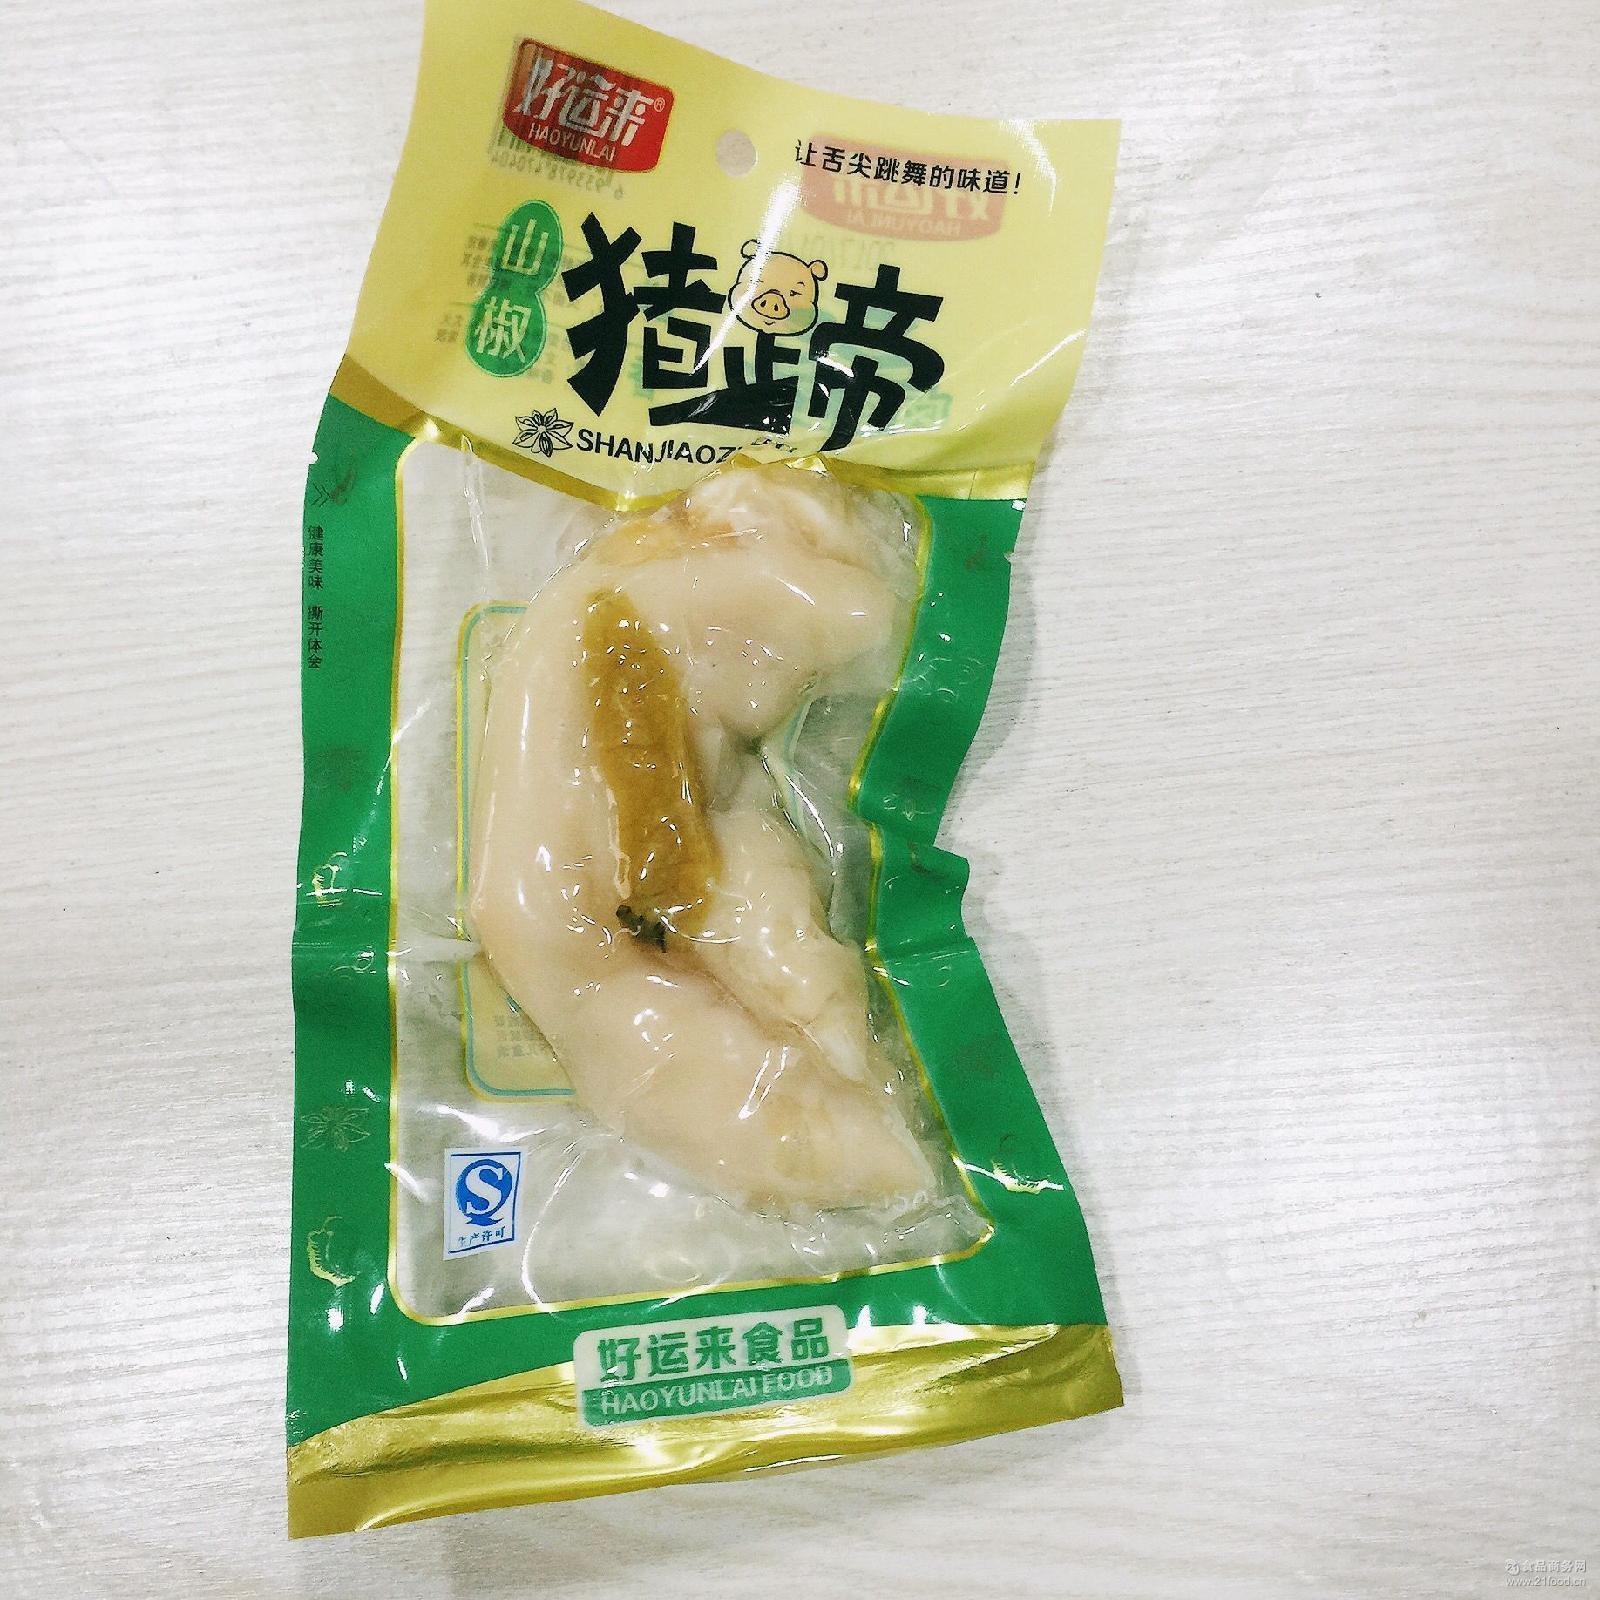 山椒猪蹄麻辣卤香制品批发超市货源泡椒鸡爪肉类休闲零食